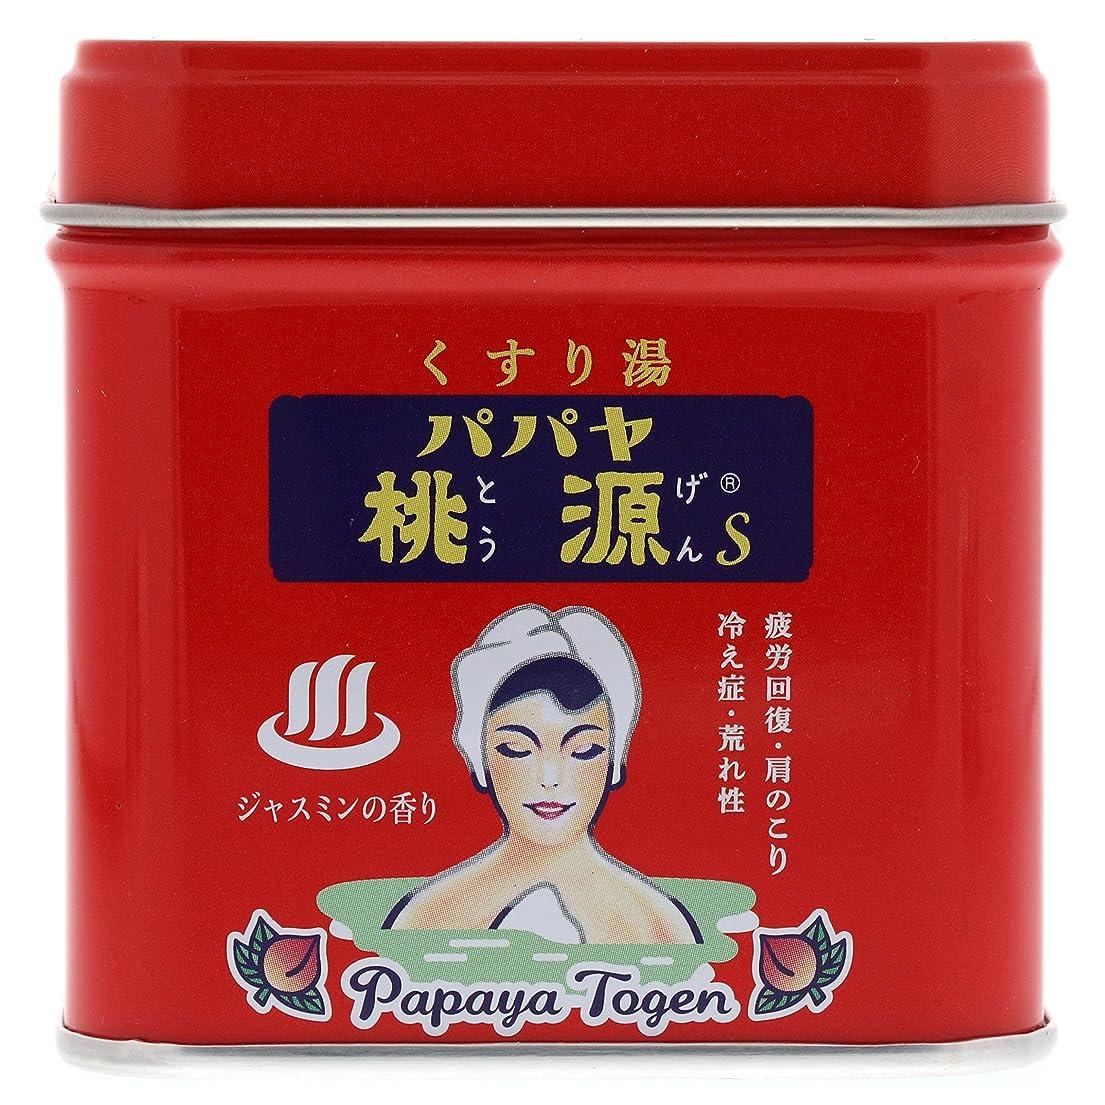 ペインティング別々にスペクトラムパパヤ桃源S70g缶 ジャスミンの香り [医薬部外品]